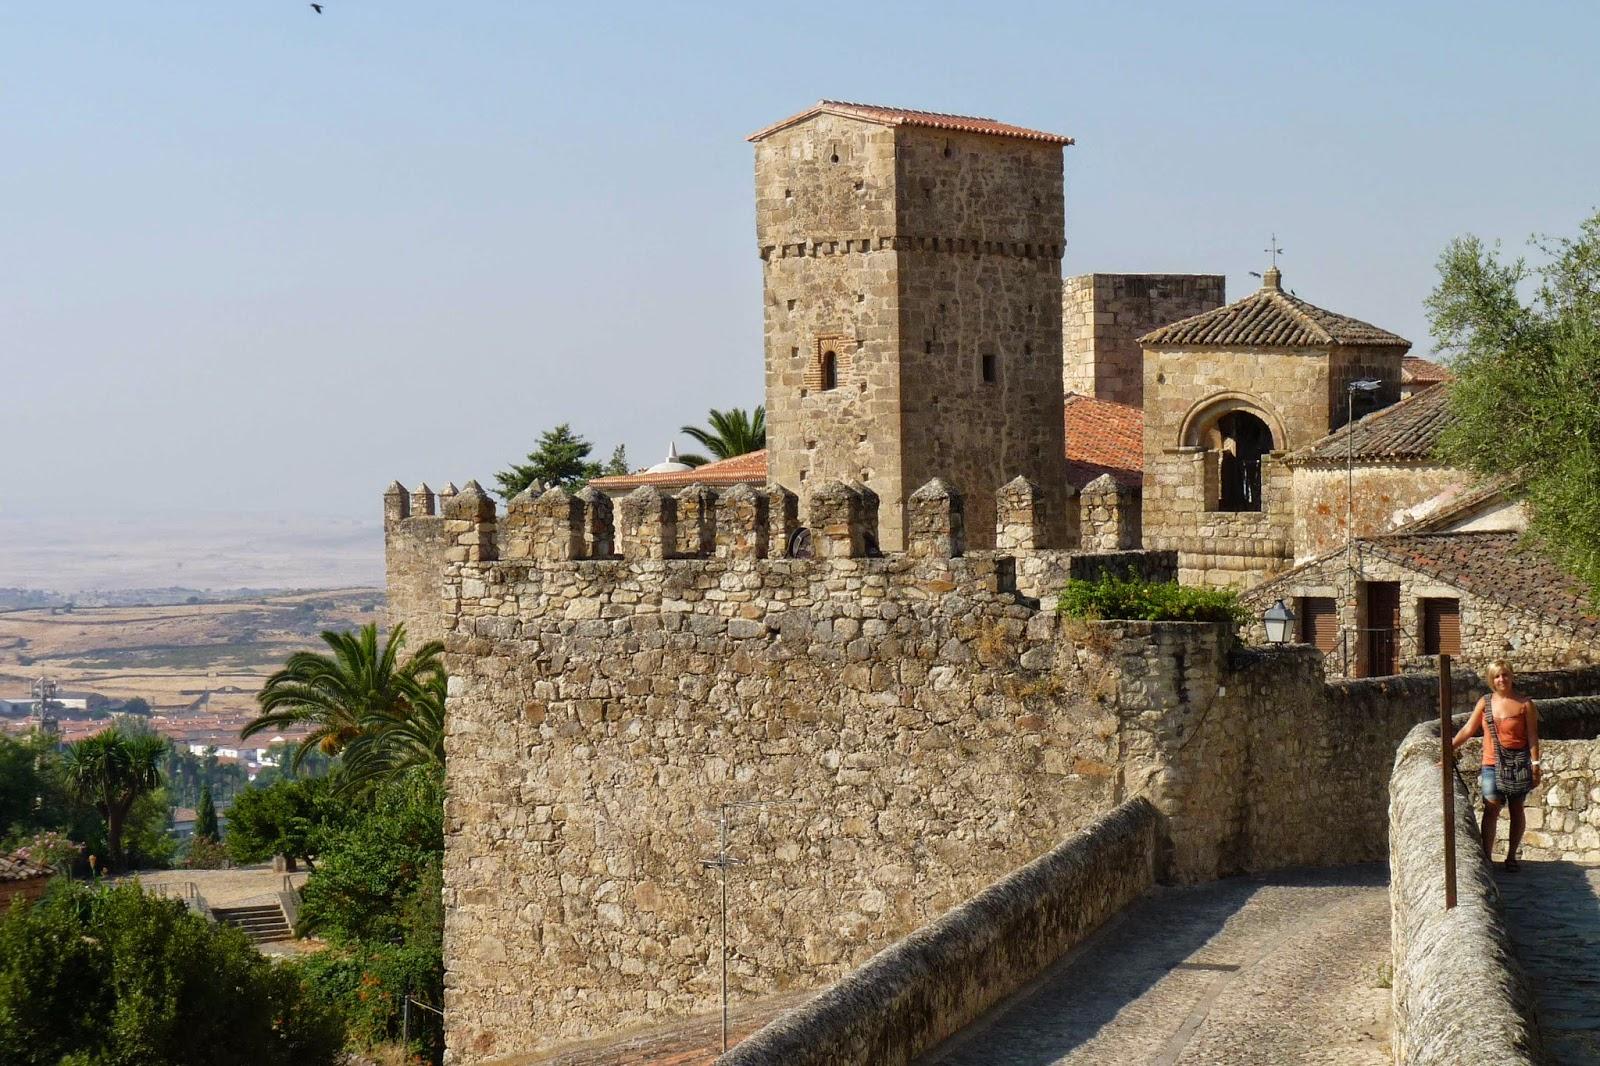 De camino al Alcazaba de Trujillo.